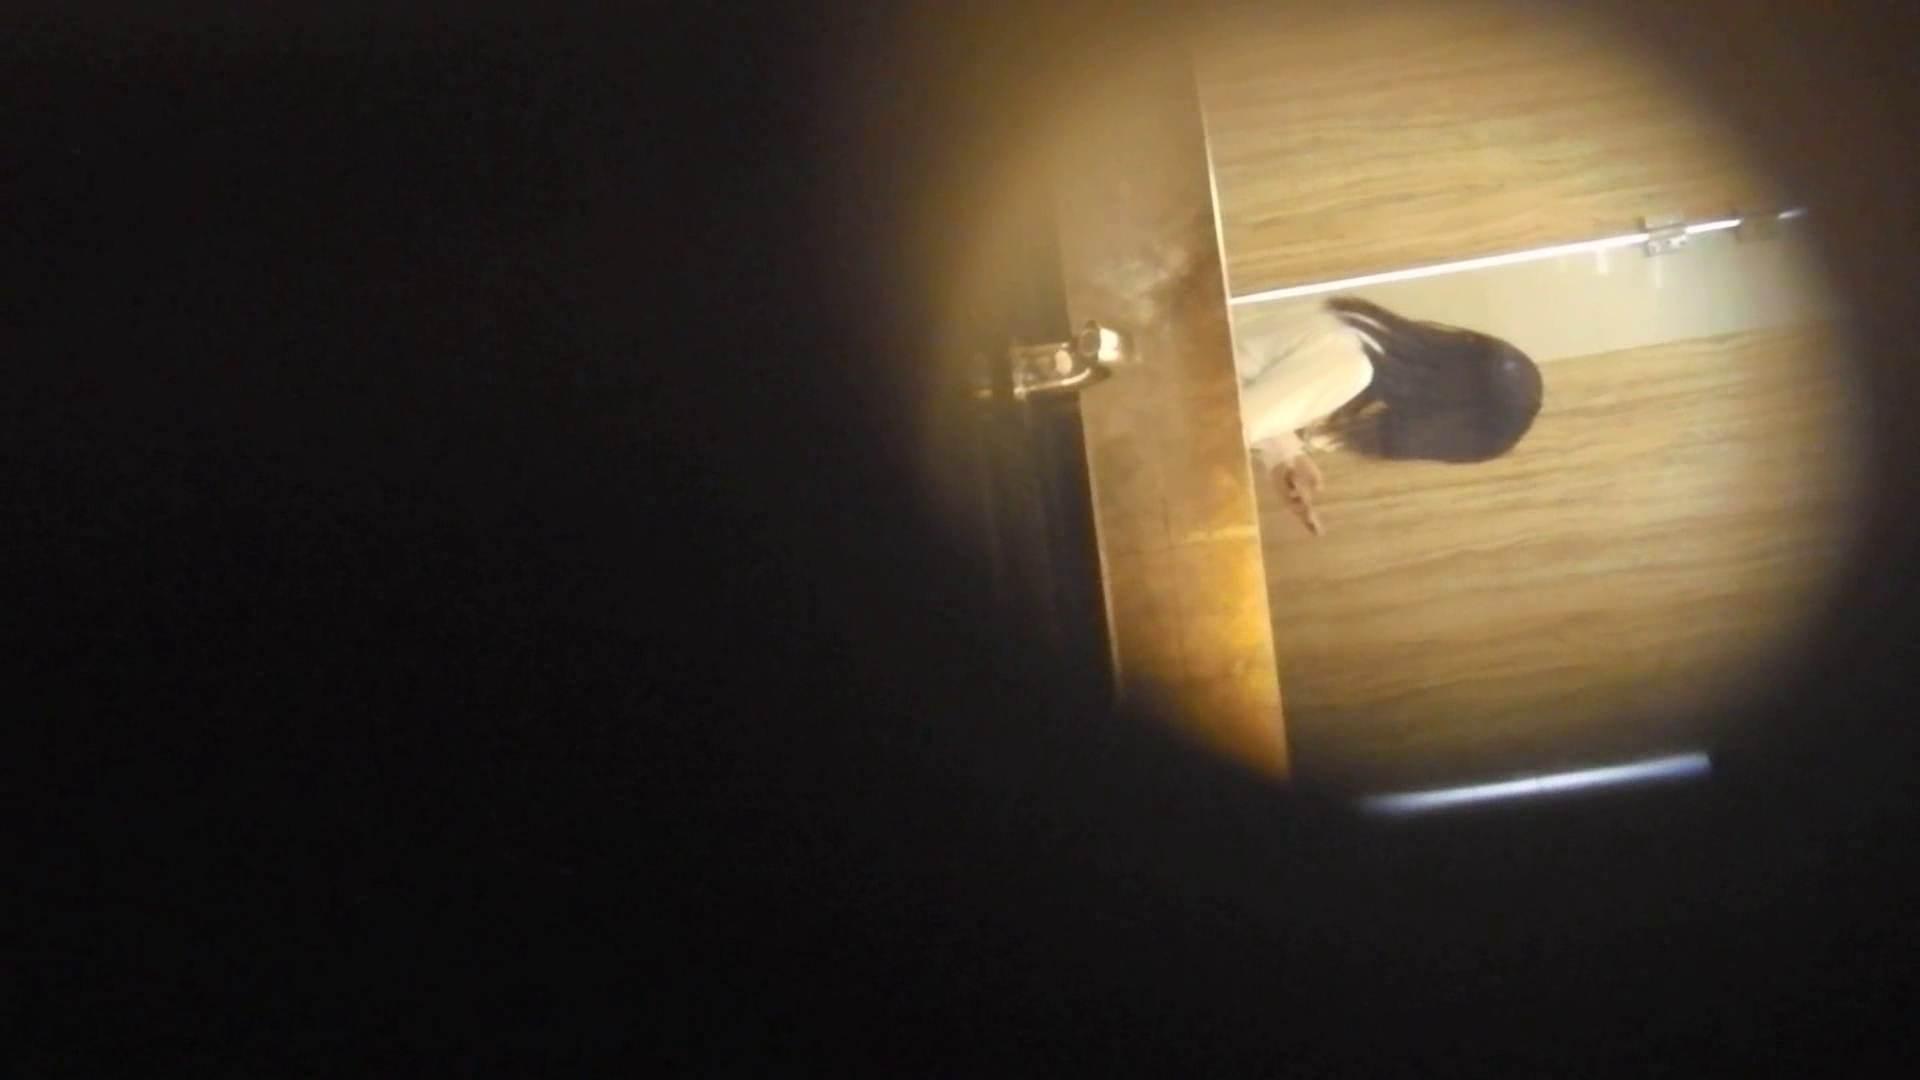 阿国ちゃんの「和式洋式七変化」No.18 iBO(フタコブ) 洗面所  112pic 43